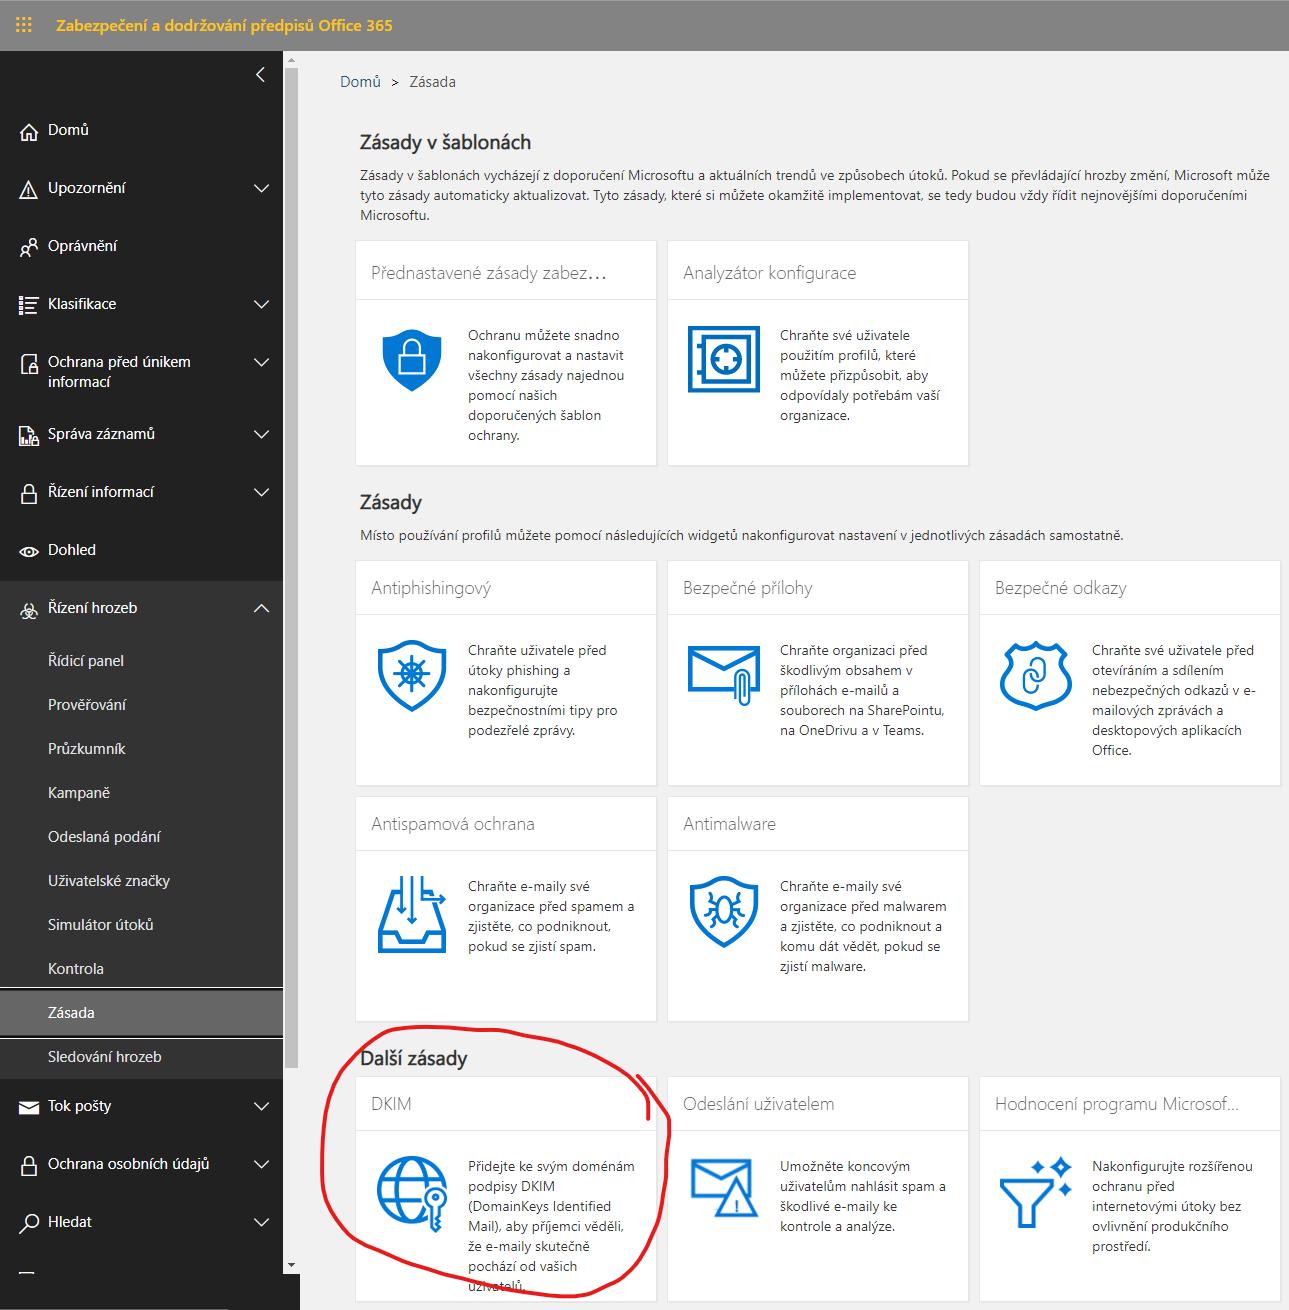 DKIM nastavení zabezpečení Microsoft 365